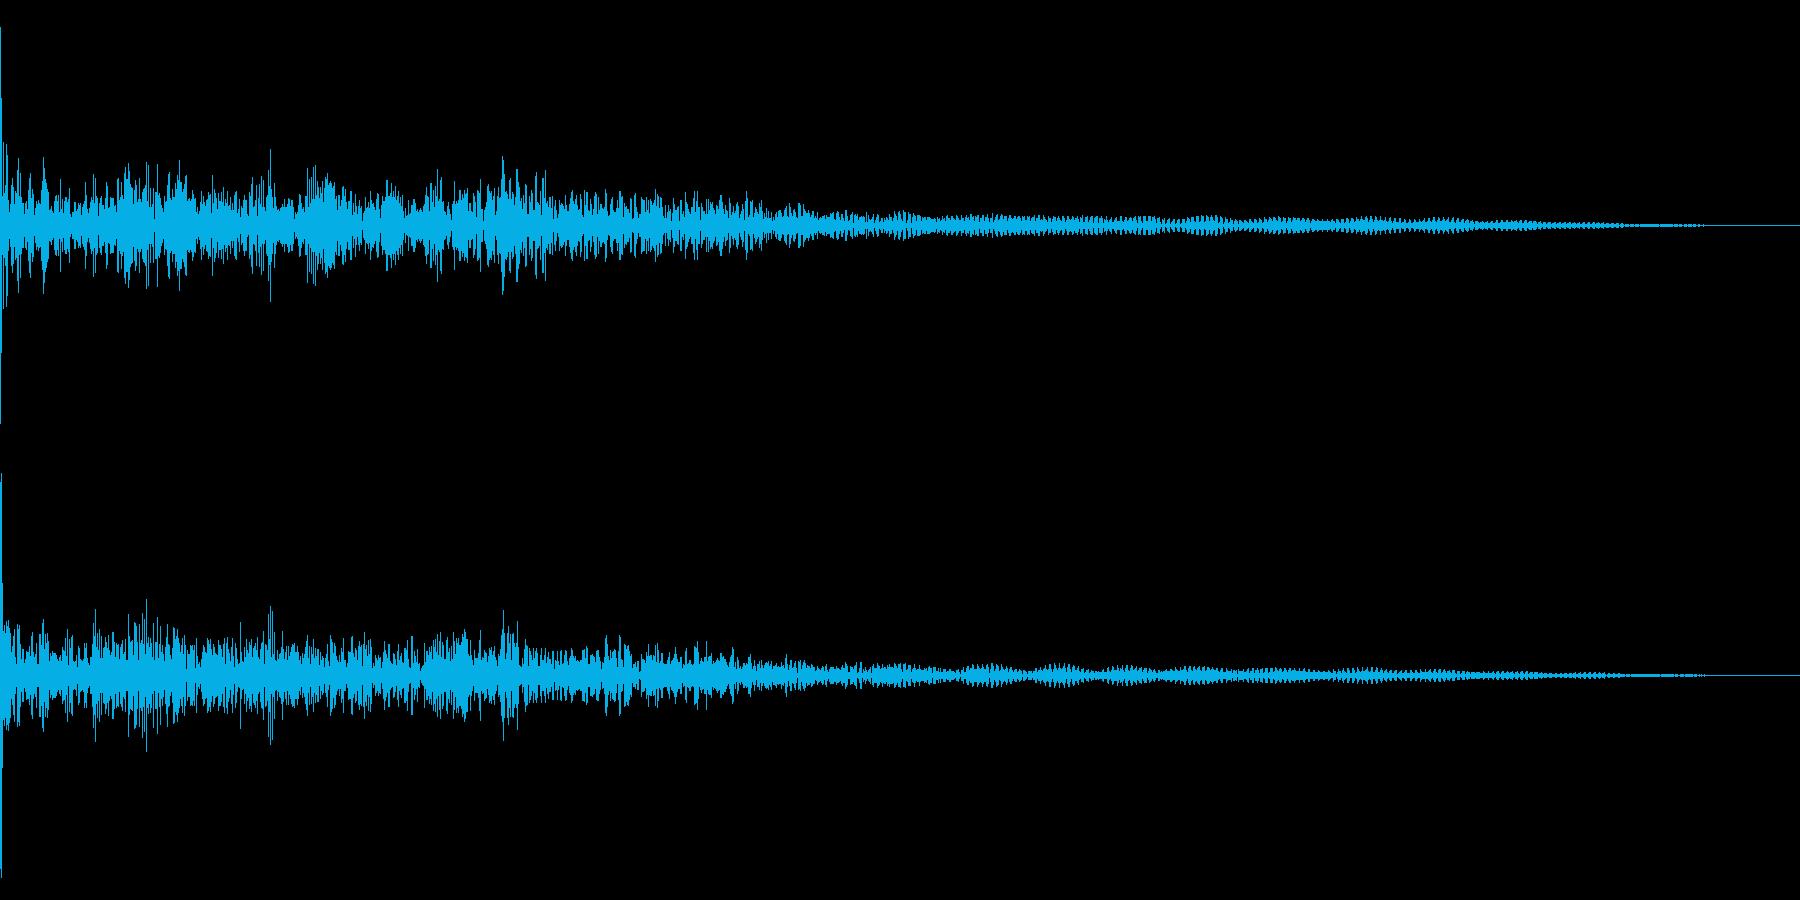 ホラー系アタック音10の再生済みの波形